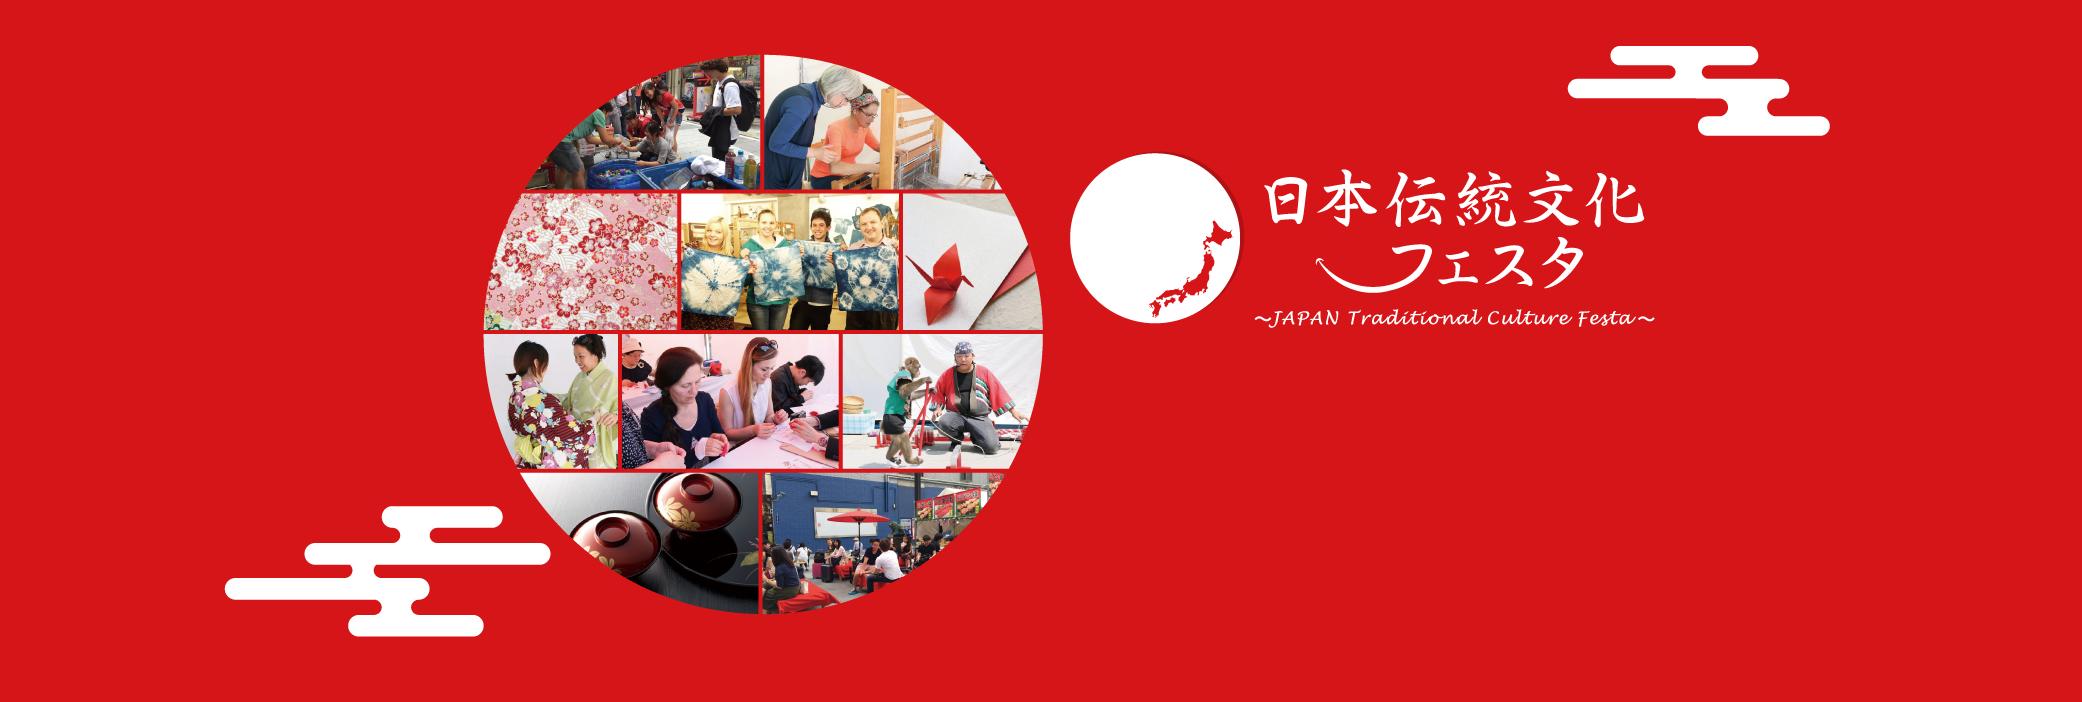 日本伝統文化フェスタ(jtc-festa...